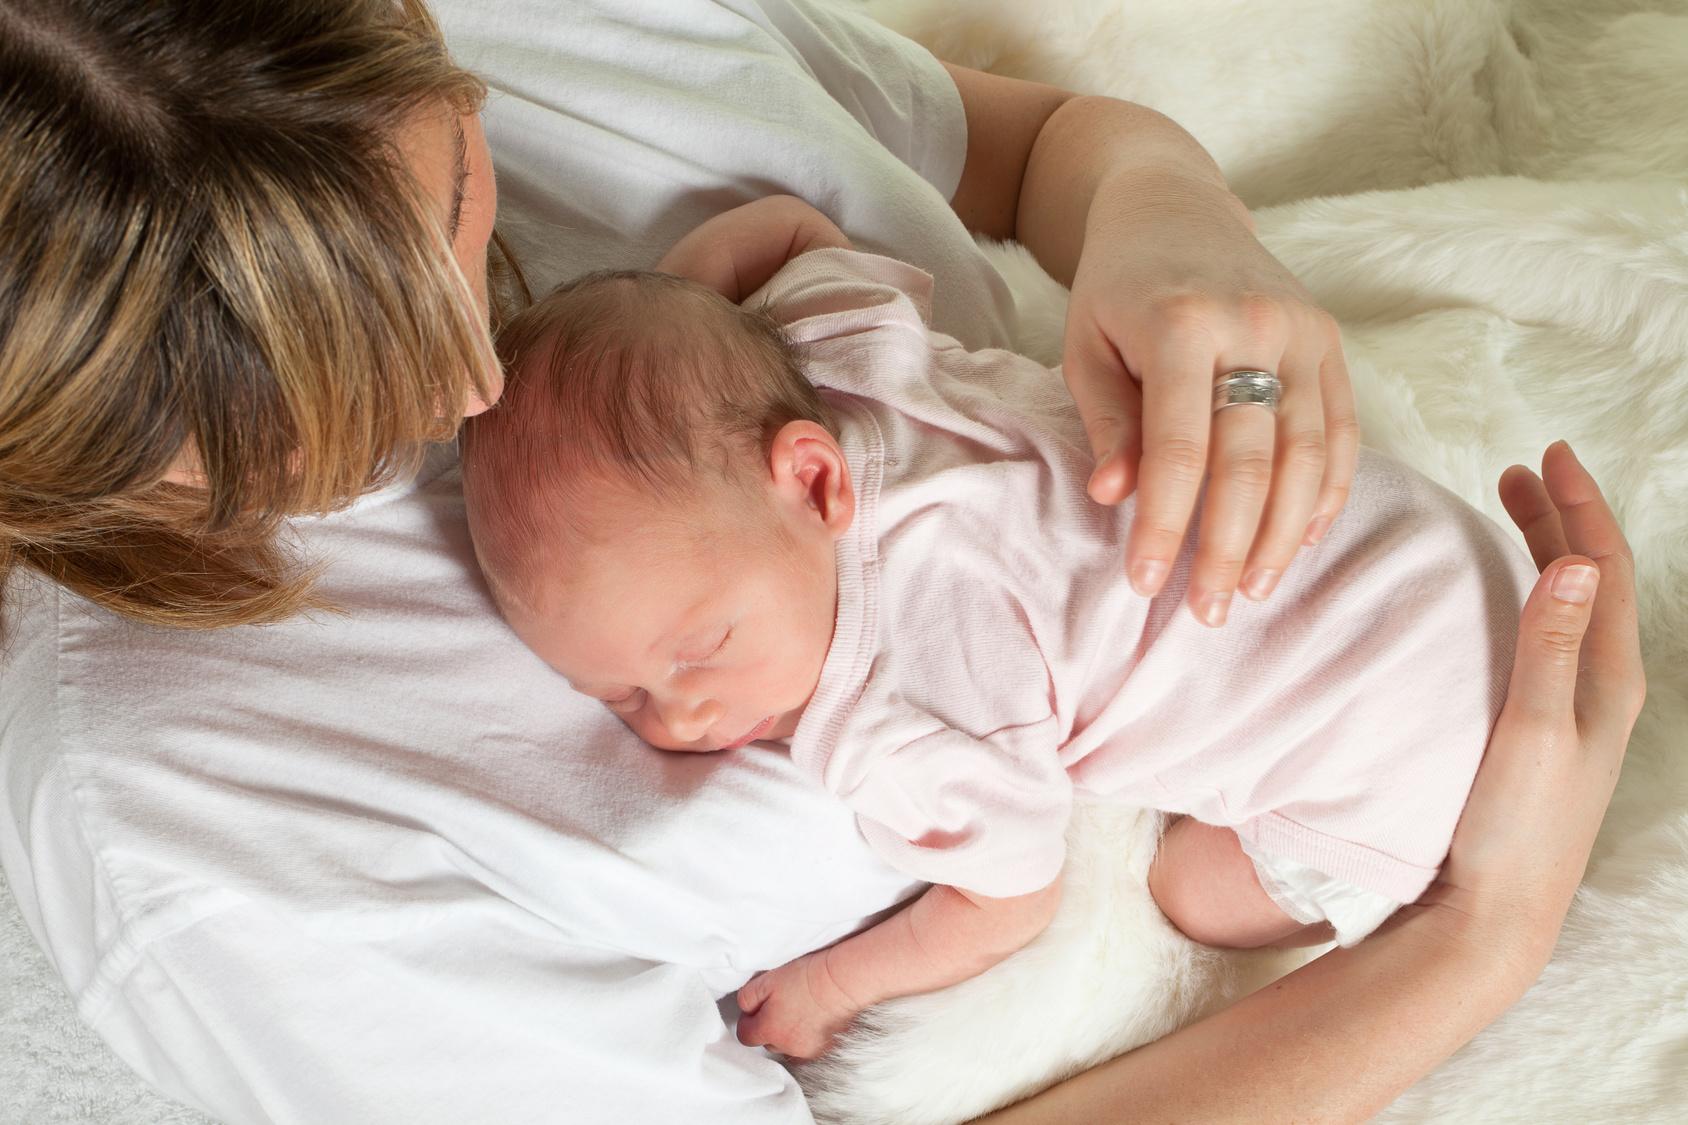 После кормления груднички обычно засыпают